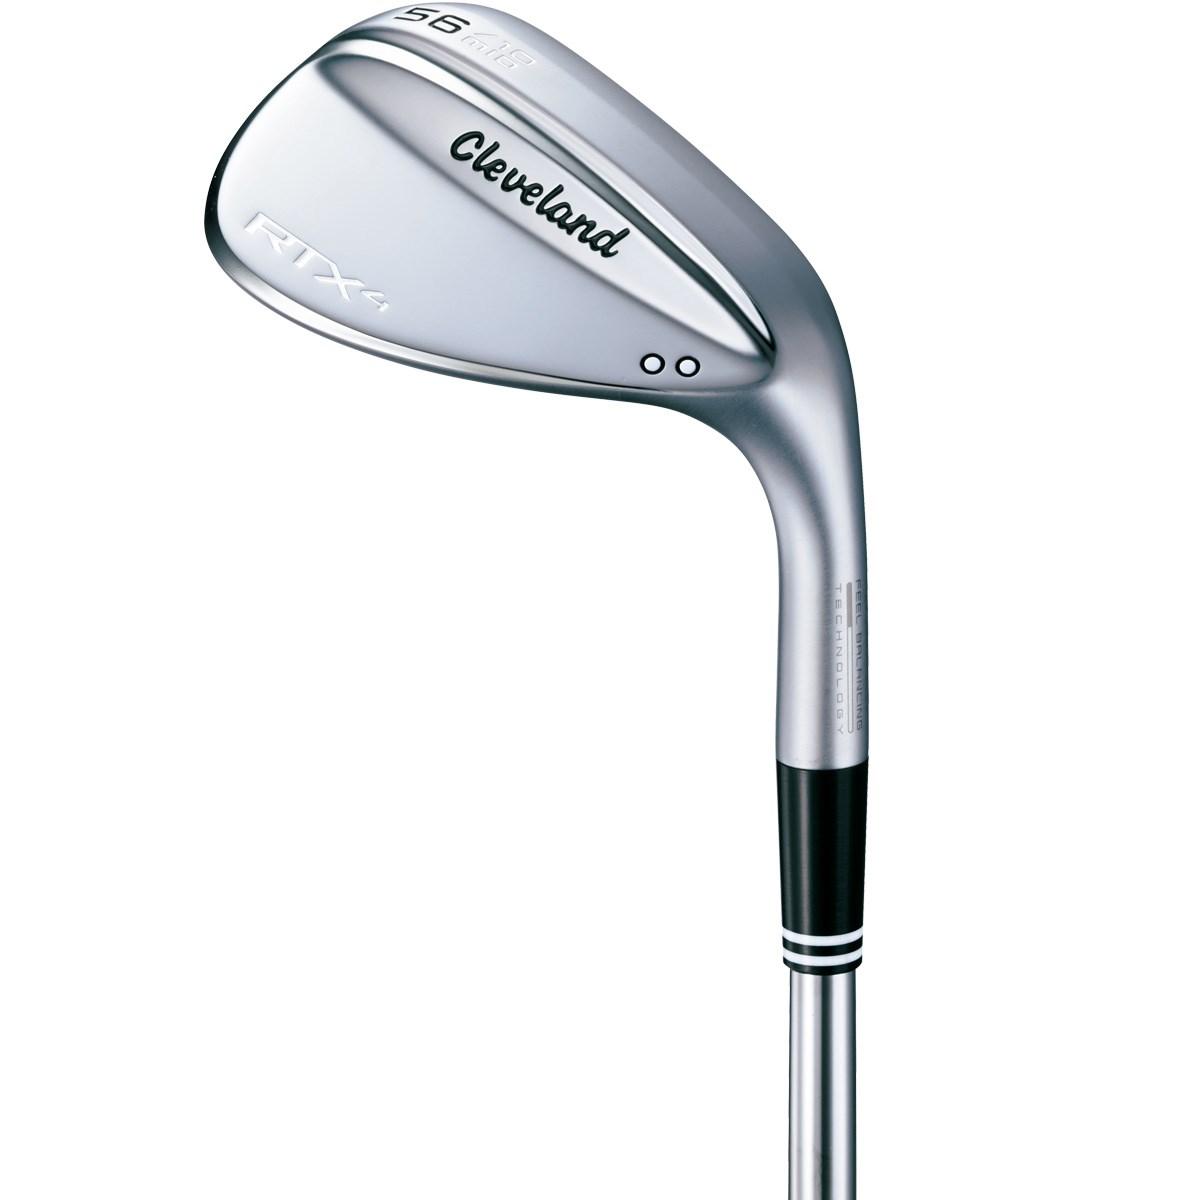 クリーブランド(Cleveland Golf) RTX4 ツアーサテン仕上げ ウェッジ N.S.PRO 950GH